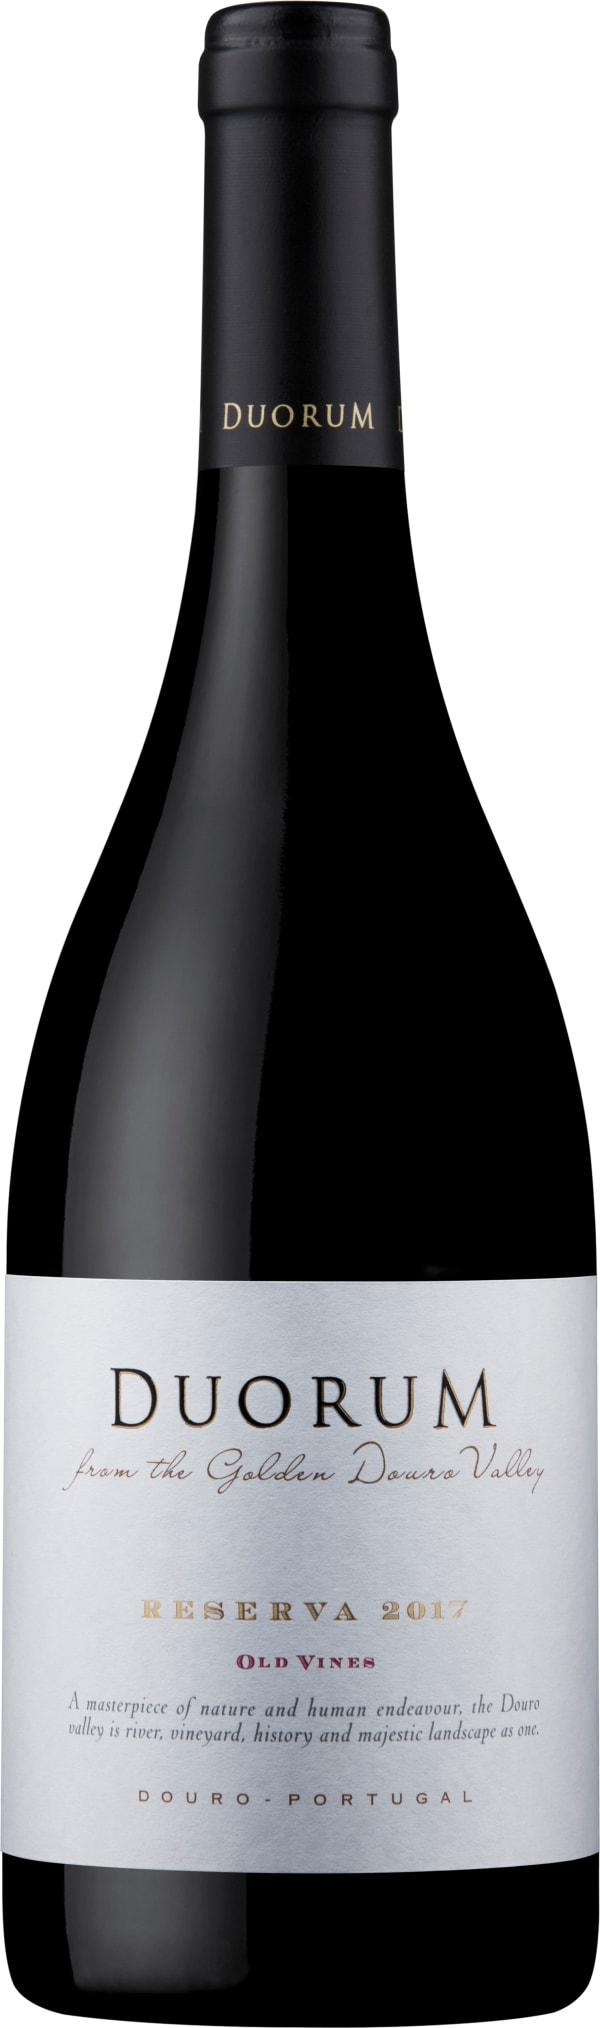 Duorum Reserva Old Vines 2017